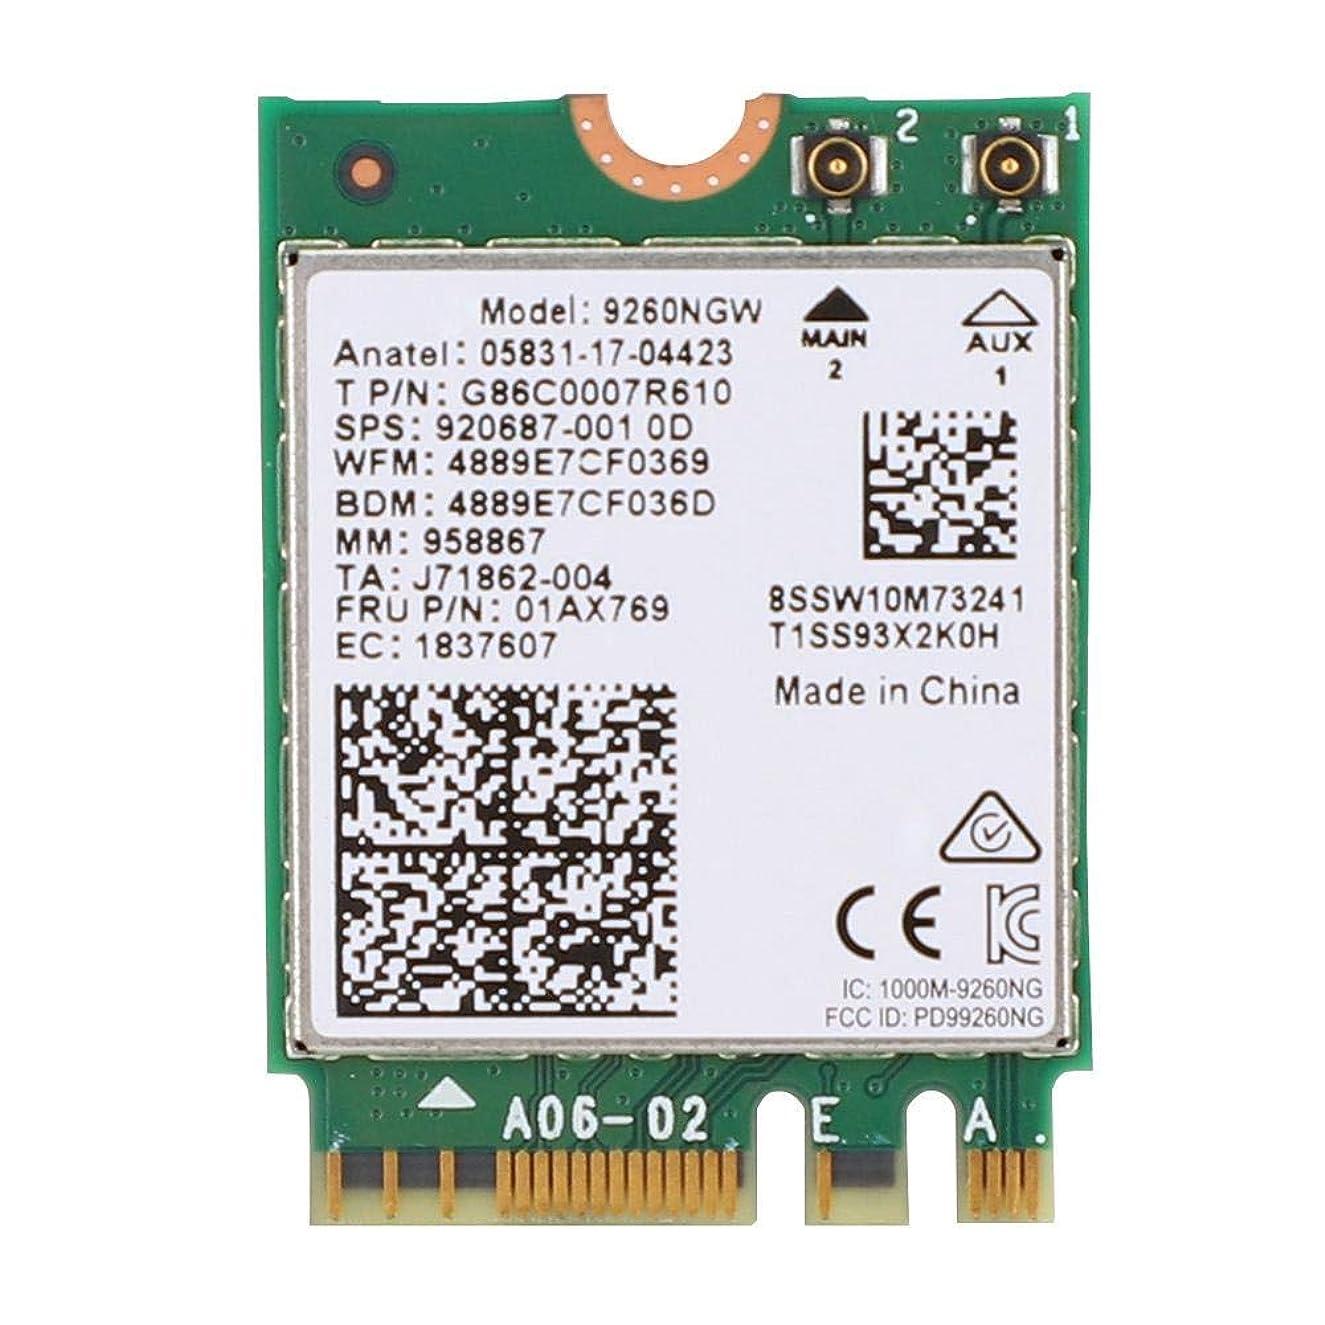 保護する梨近代化ネットワークカード デュアル 2.4G / 5G ポータブル WIFIカード 2dB NGFF/M.2アンテナ付き 1.73Gbps 802.11AC ネットワークアダプター デスクトップ/オールインワン/広告機/ノートブックなど用